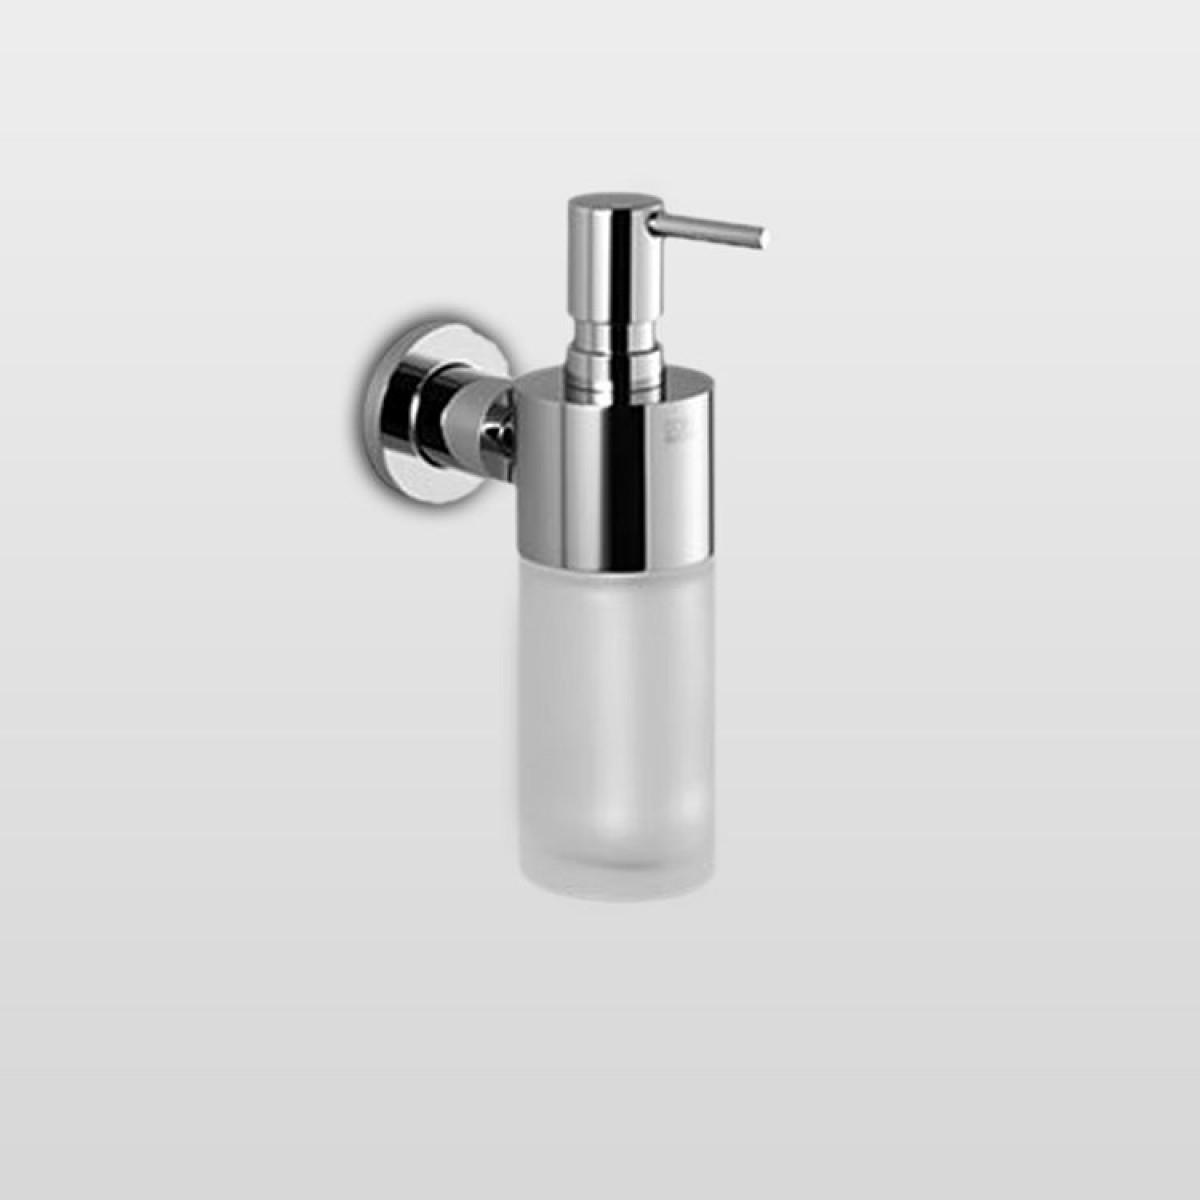 Wall Mounted Soap Dispenser Holder Madison Art Center Design